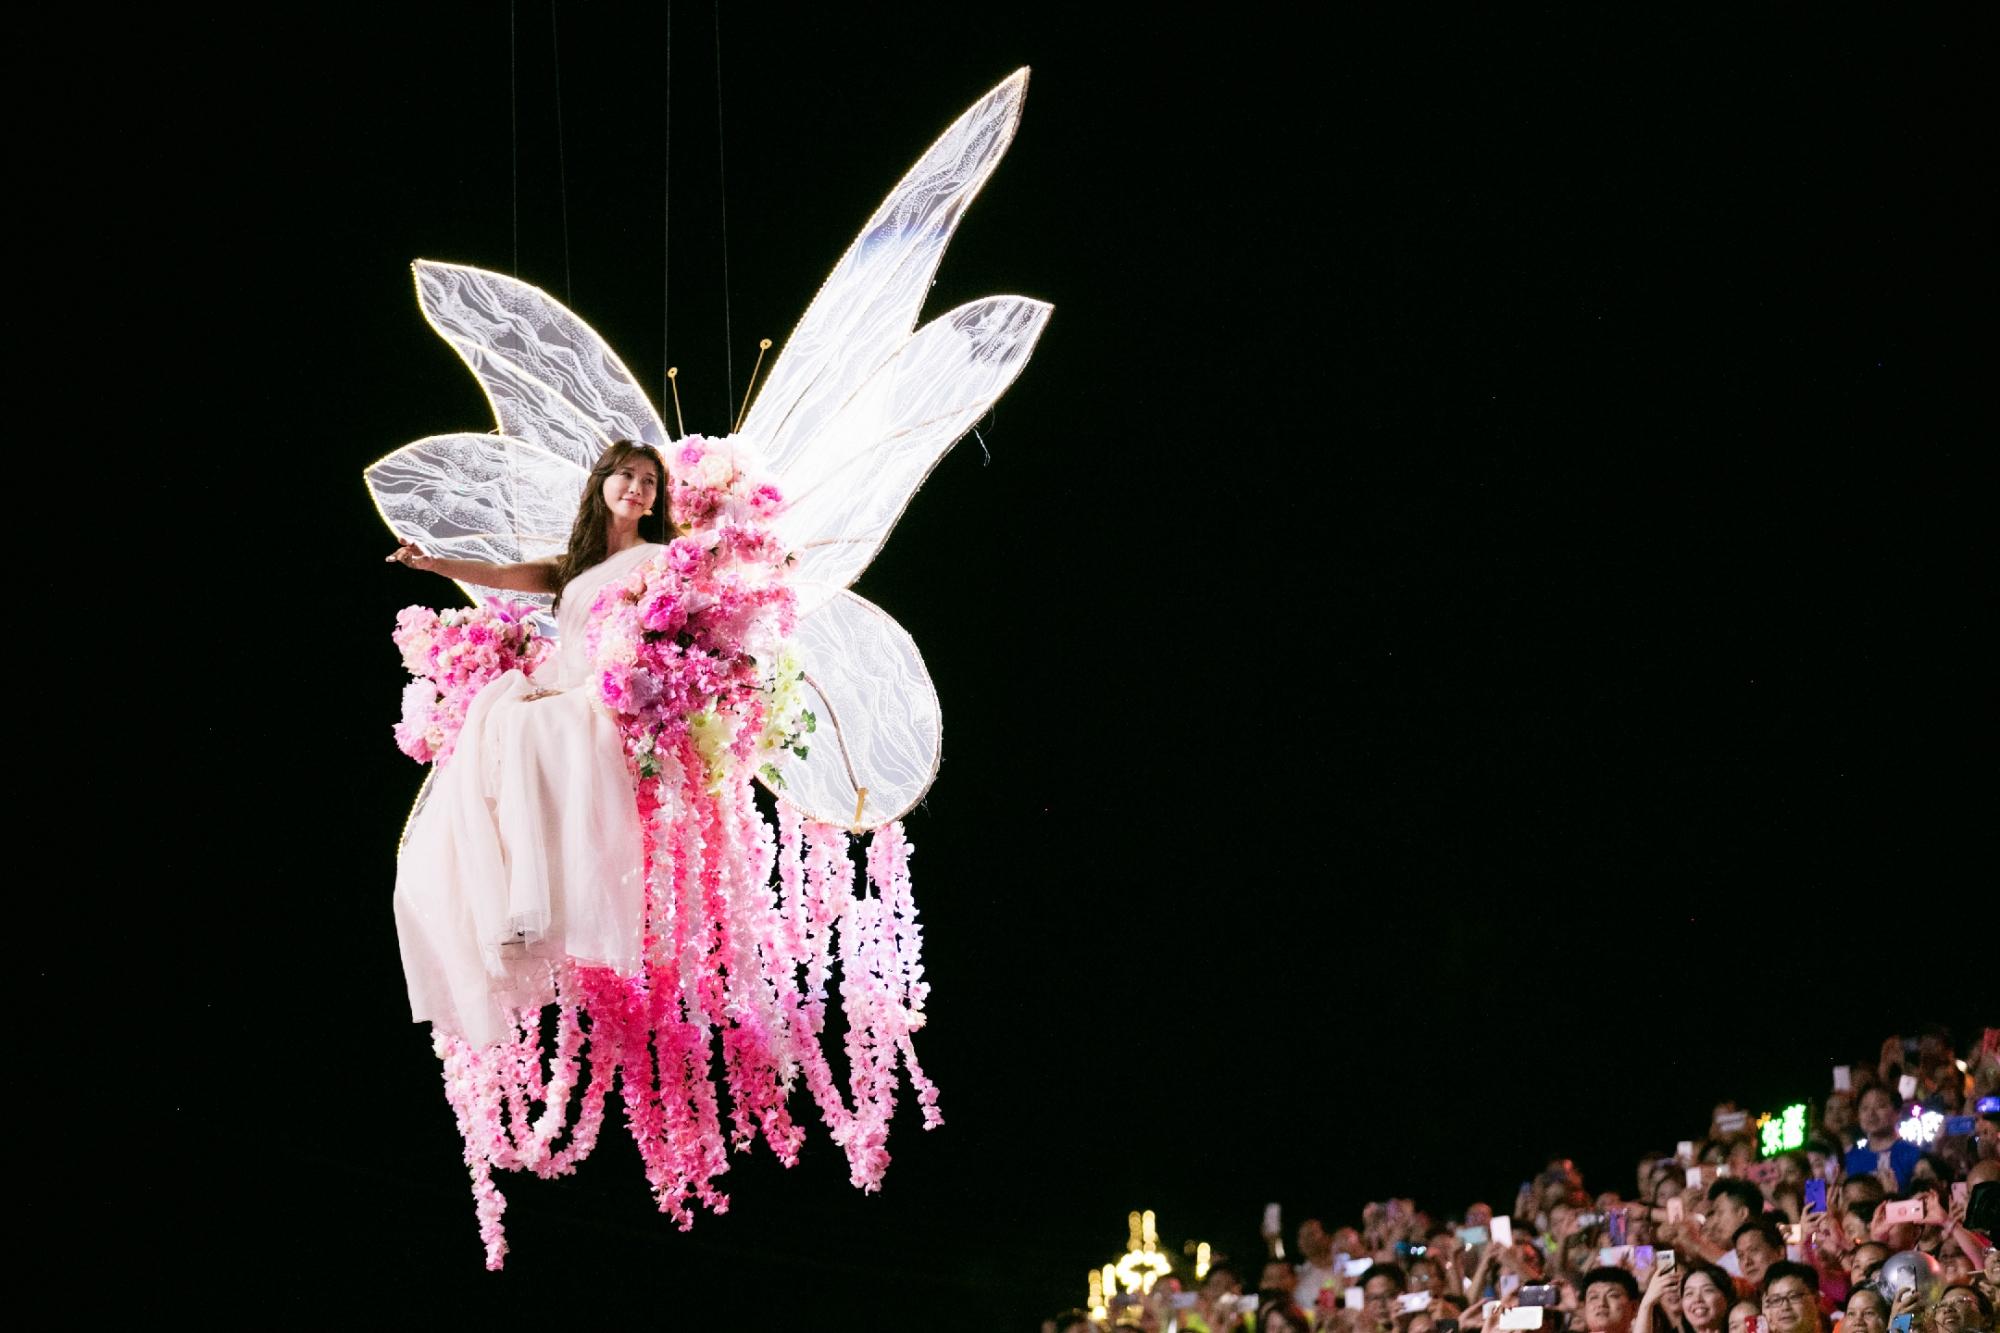 林志玲七夕晚会变七彩蝴蝶仙子,再解锁竖琴独奏,不愧是全能女神